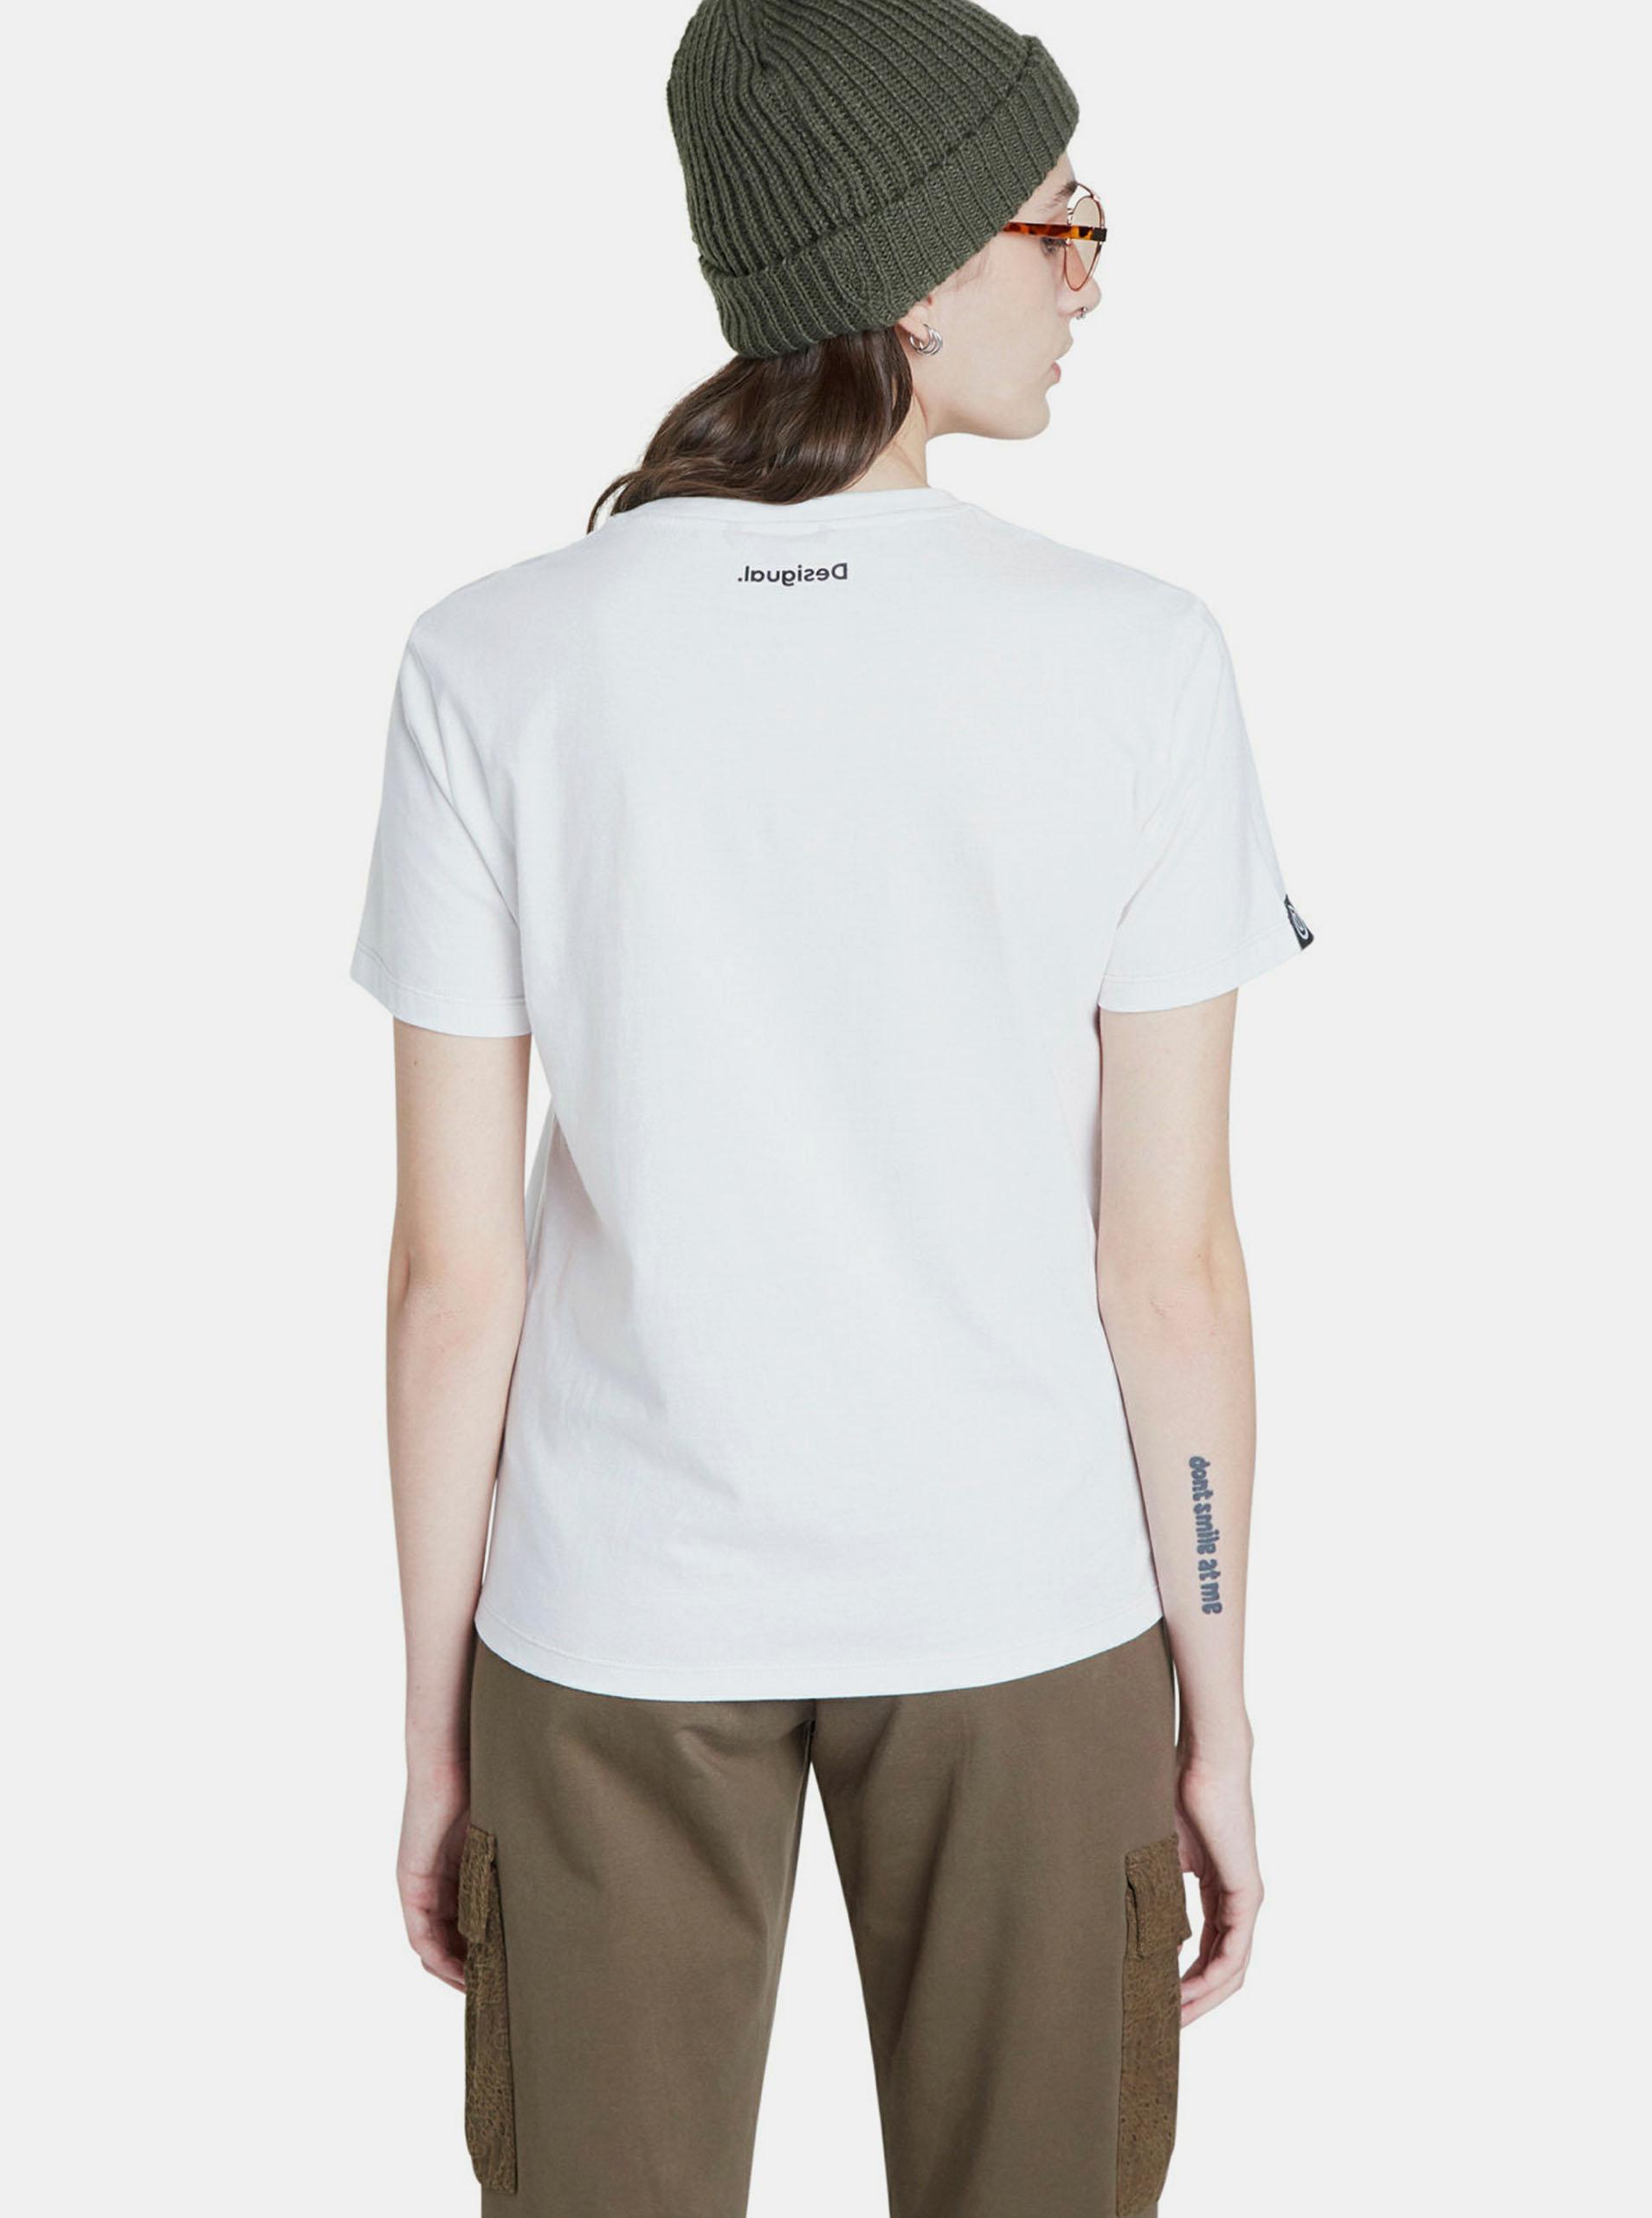 Bela majica z oblikovalskim potiskom